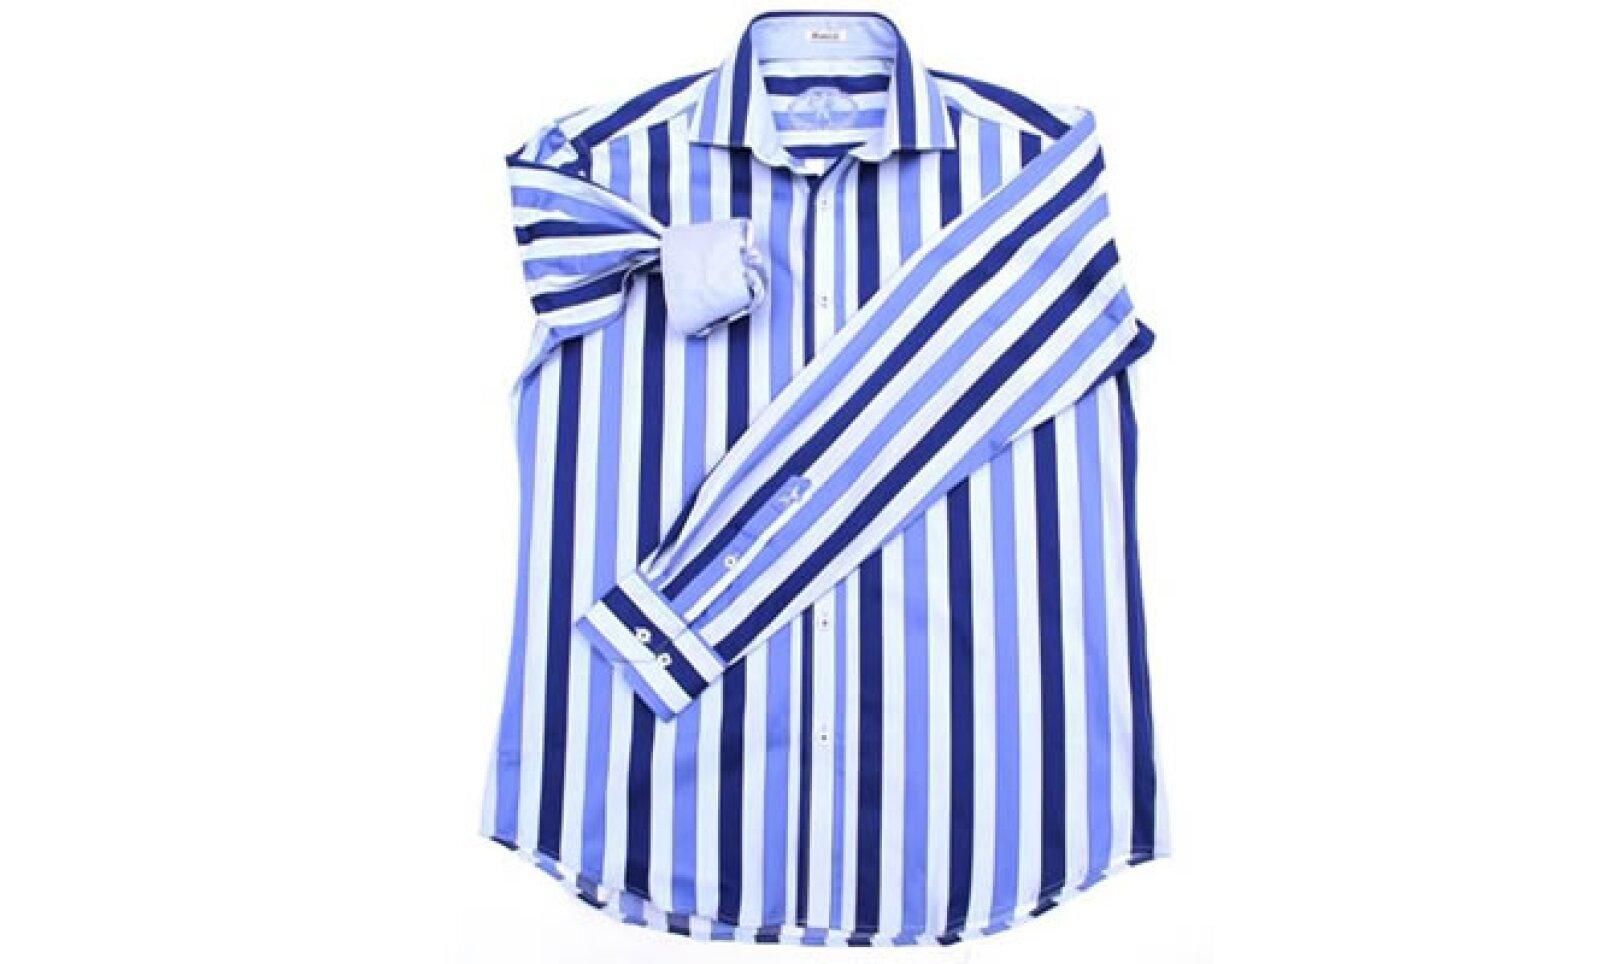 Si tu camisa es rayada, es importante que la combines con una corbata en tonos de una de las rayas.